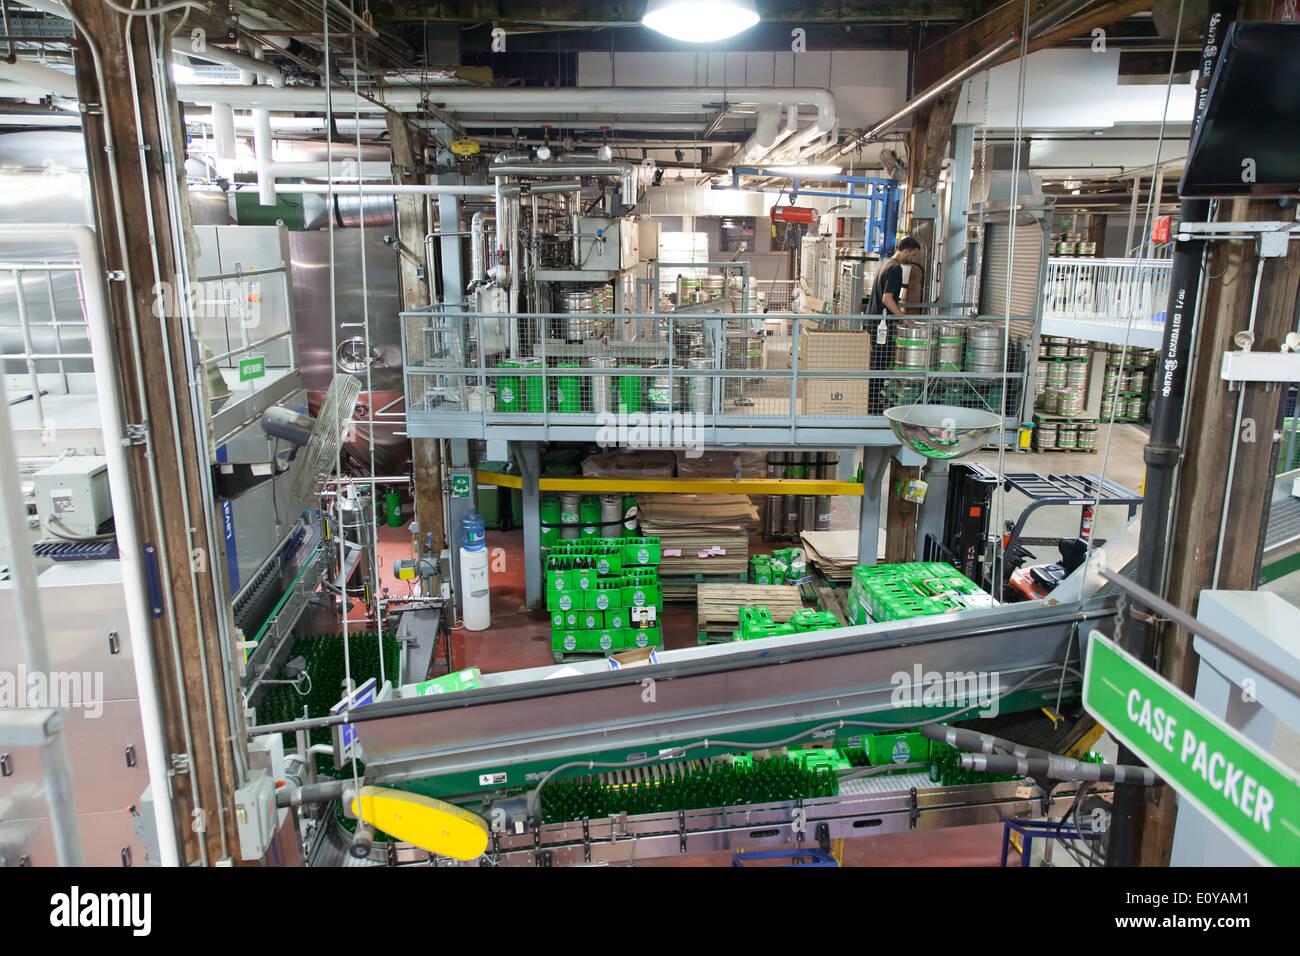 innen Dampf Pfeifen Sie Brauerei Bier-Produktionslinie Stockbild